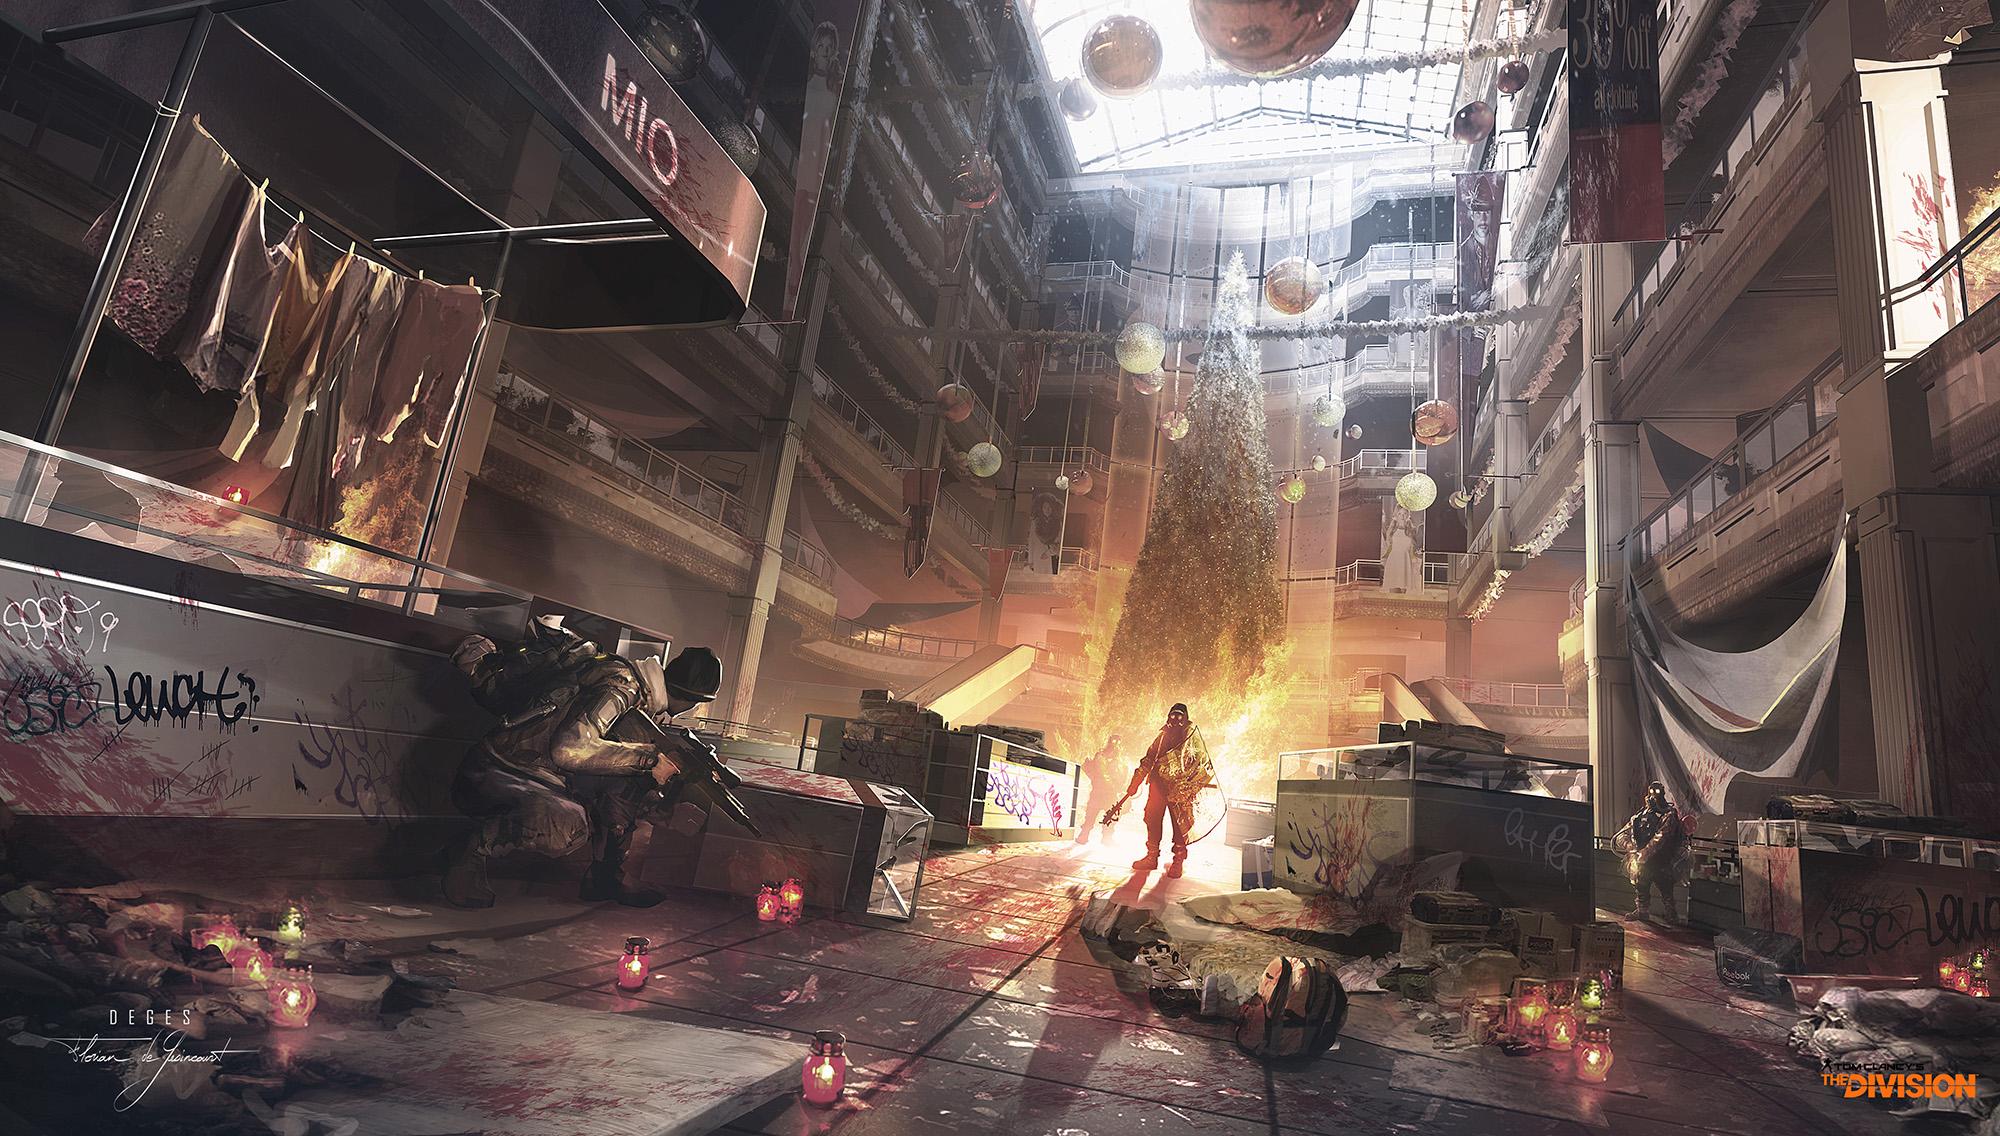 Tom Clancy's The Division Concept Art by Florian de Gesincourt